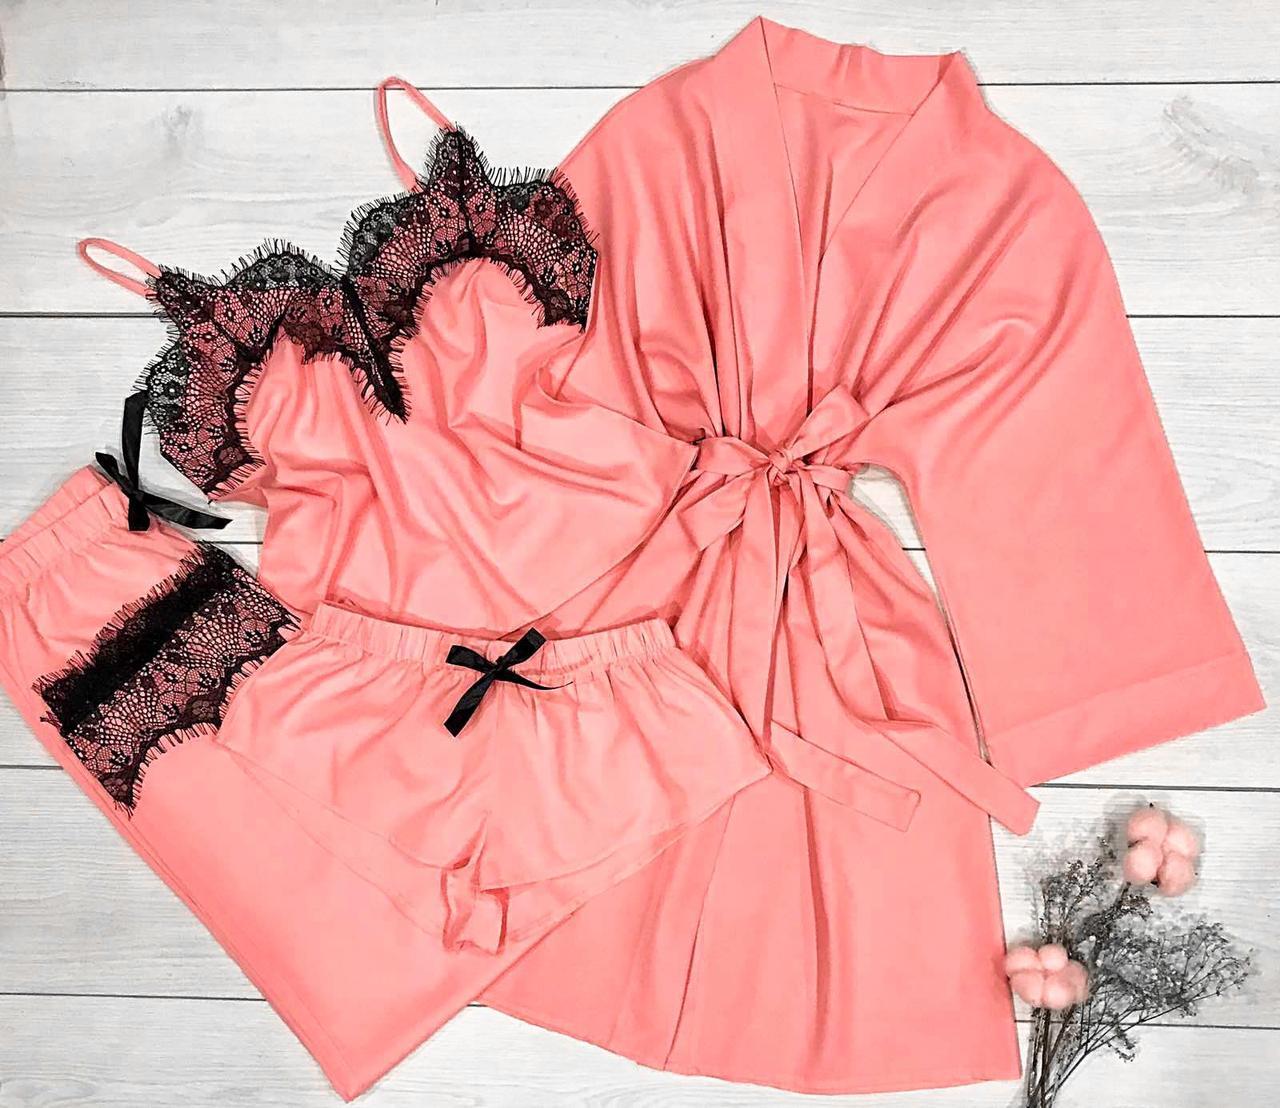 Комплект домашней одежды  4-ка: Халат и пижама ( майка шорты и штаны.)